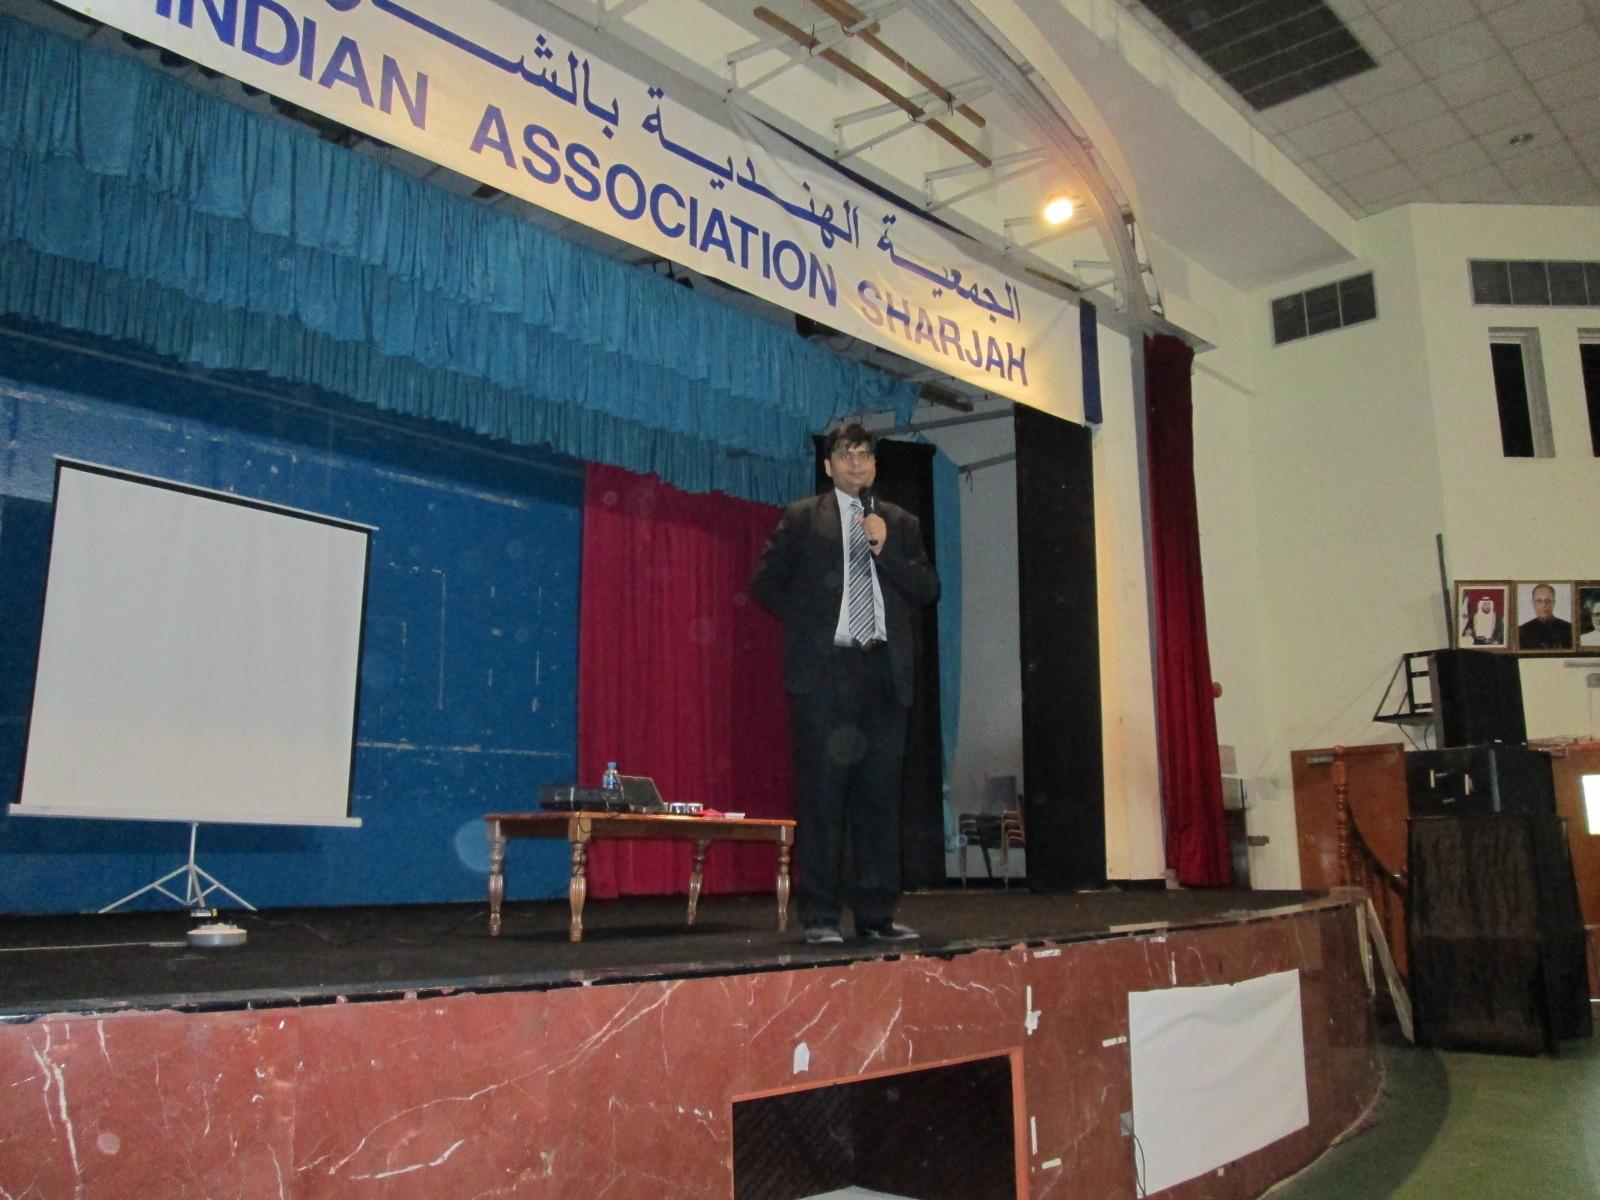 Indian Association Auditorium in UAE